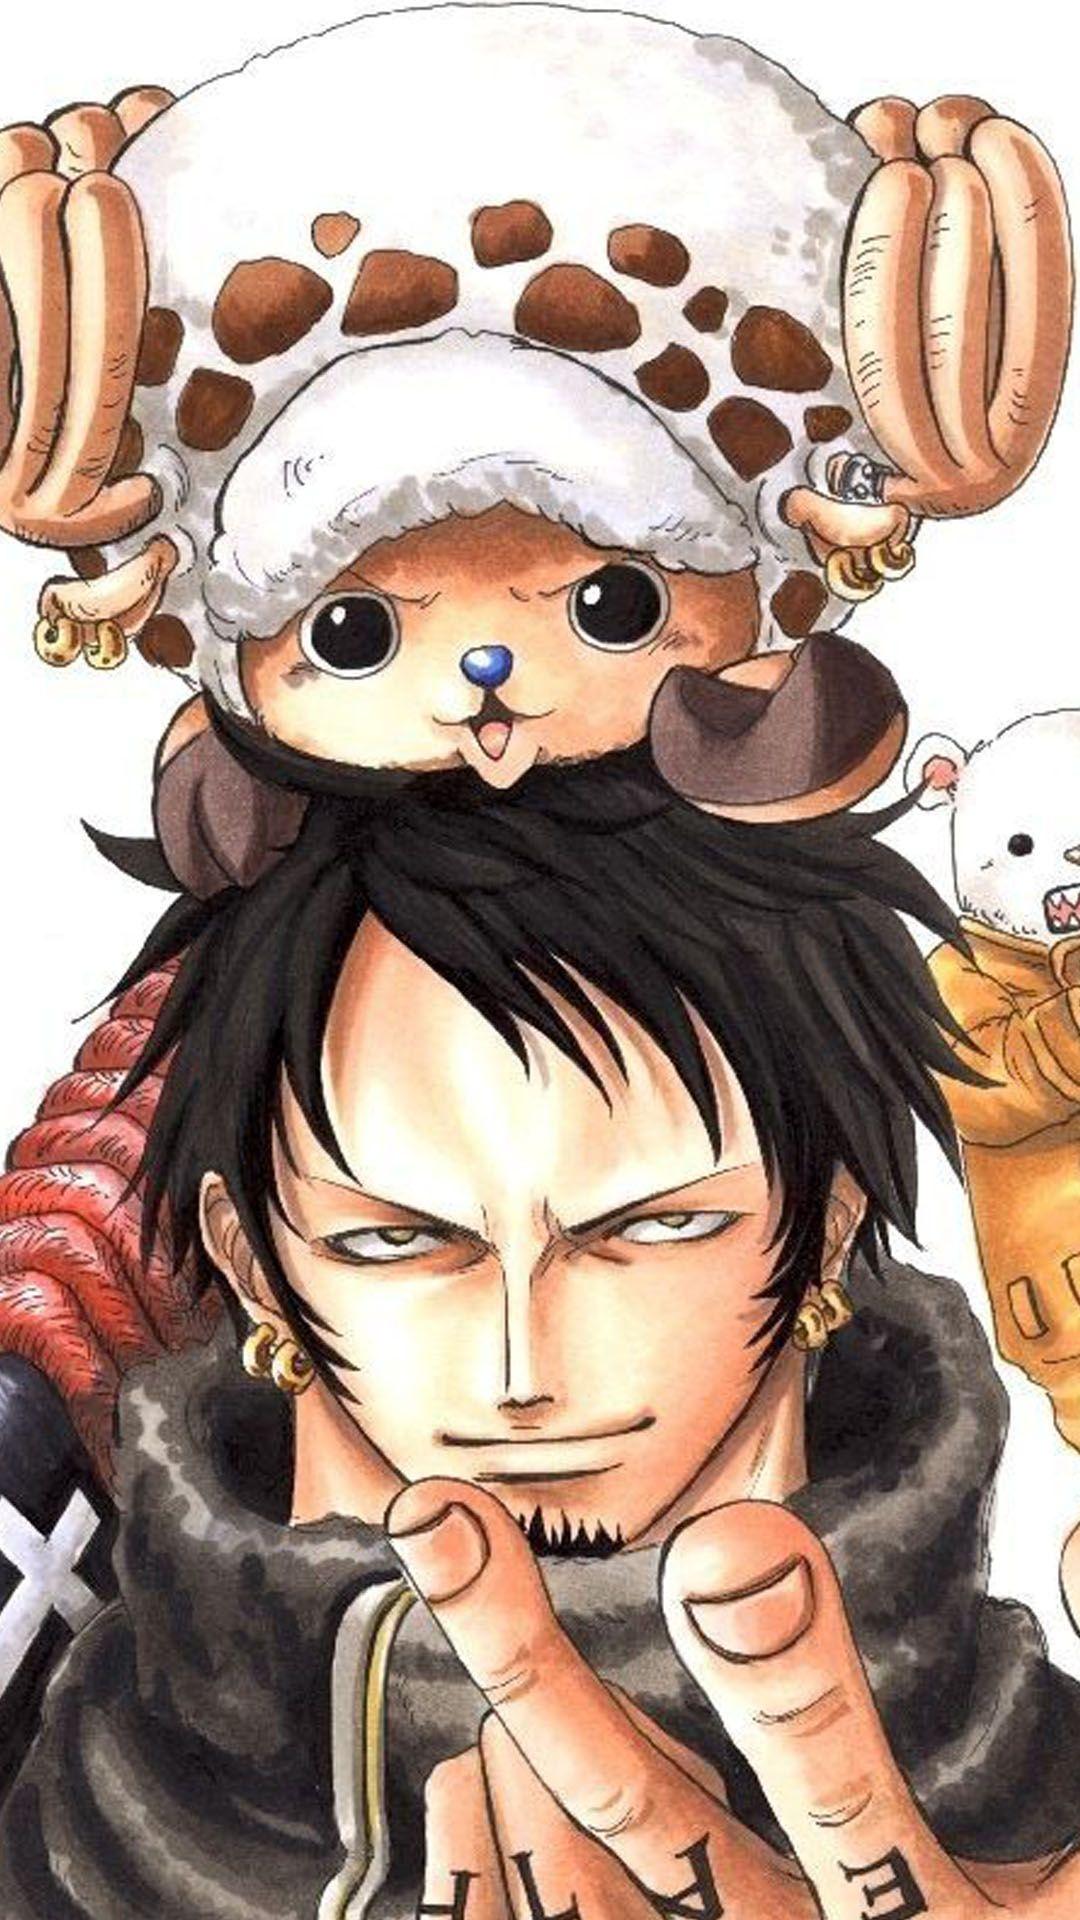 Law Wallpaper 31 Personajes De Anime Personajes De One Piece Imagenes De One Piece